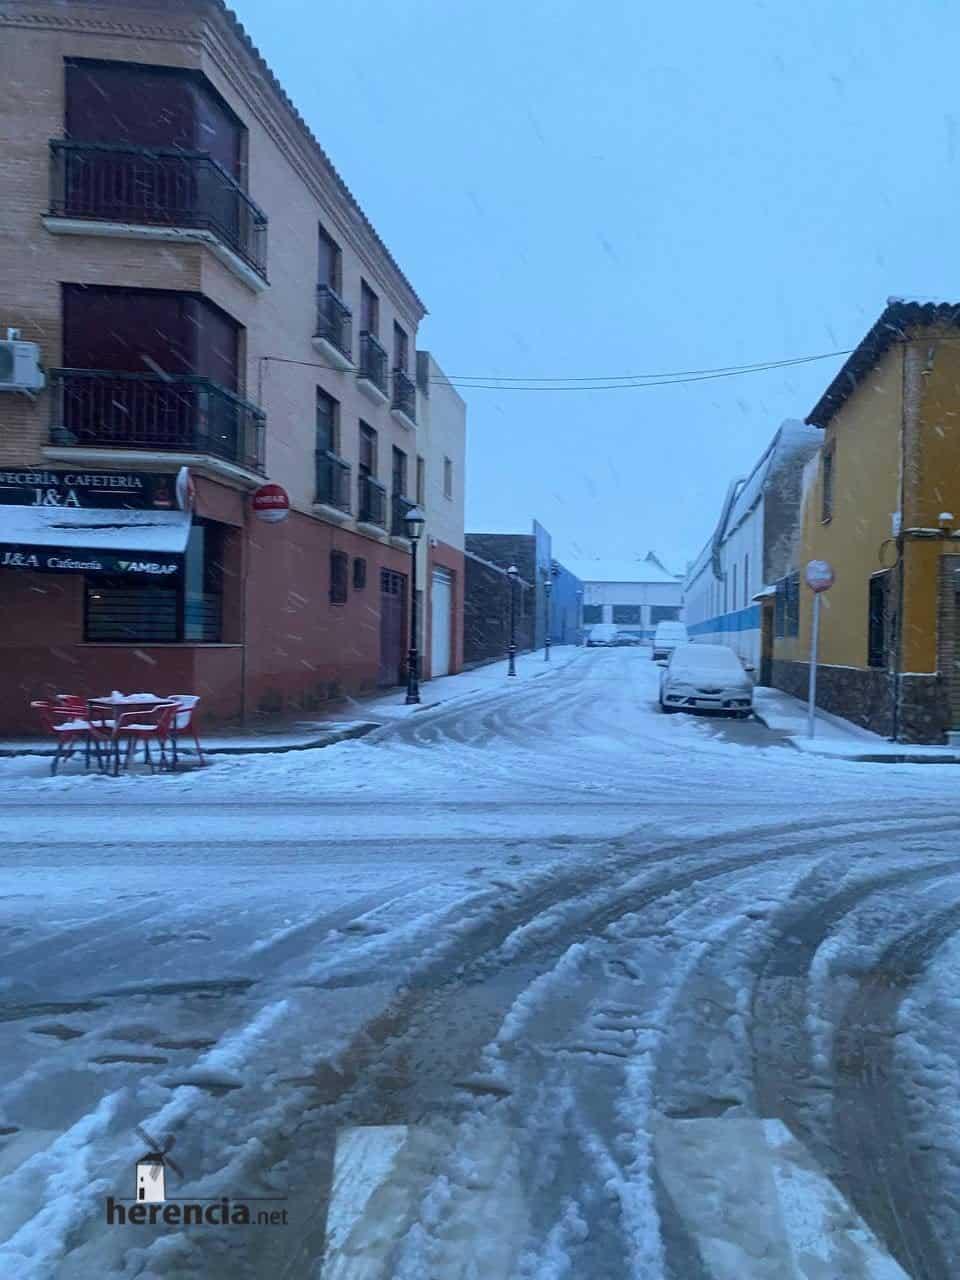 Fotografías de la nevada en Herencia (Ciudad Real) 68